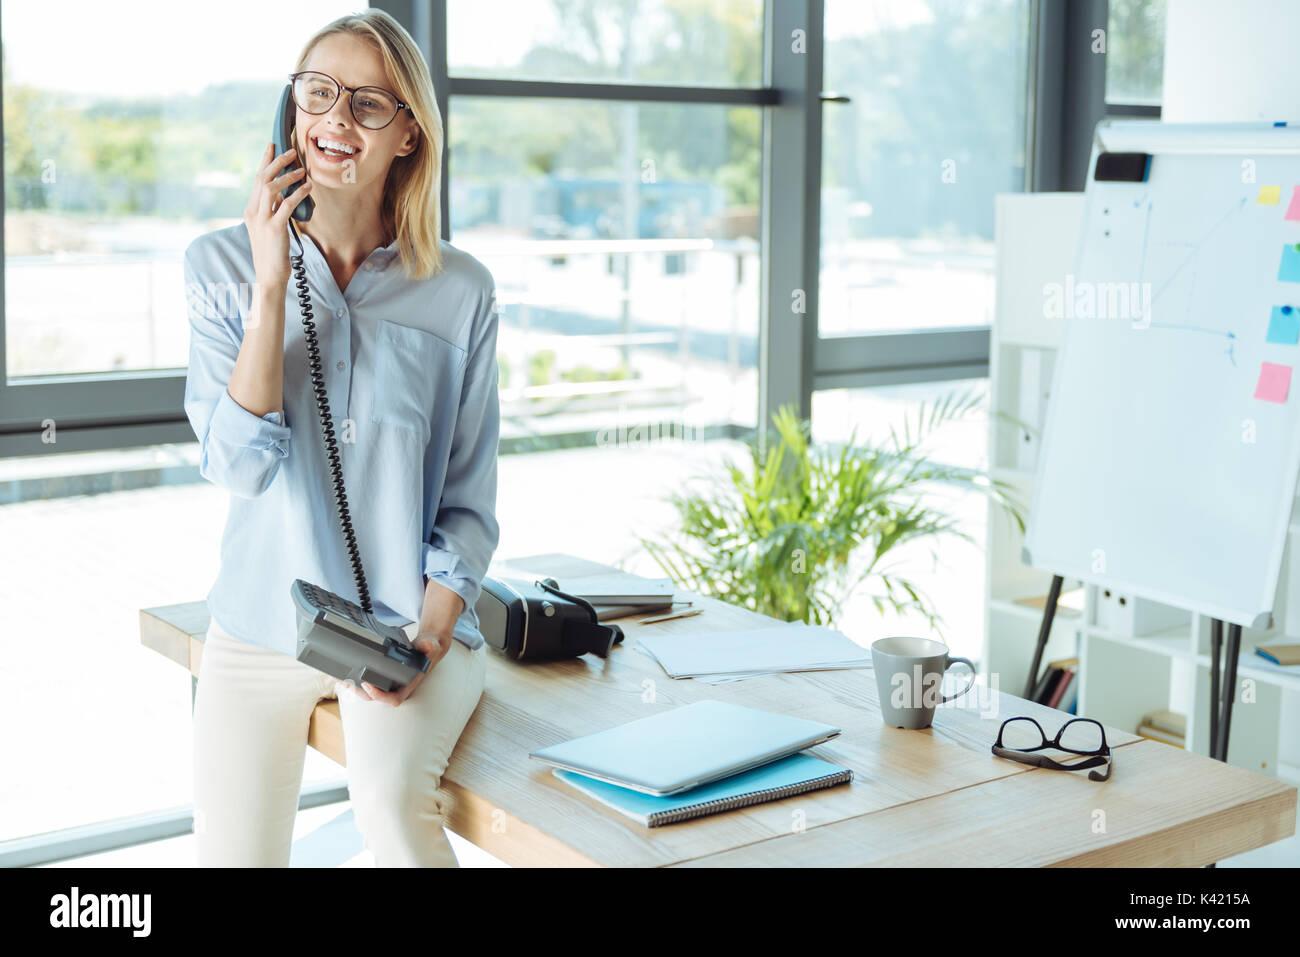 Joyful pretty woman talking on the landline phone in office - Stock Image